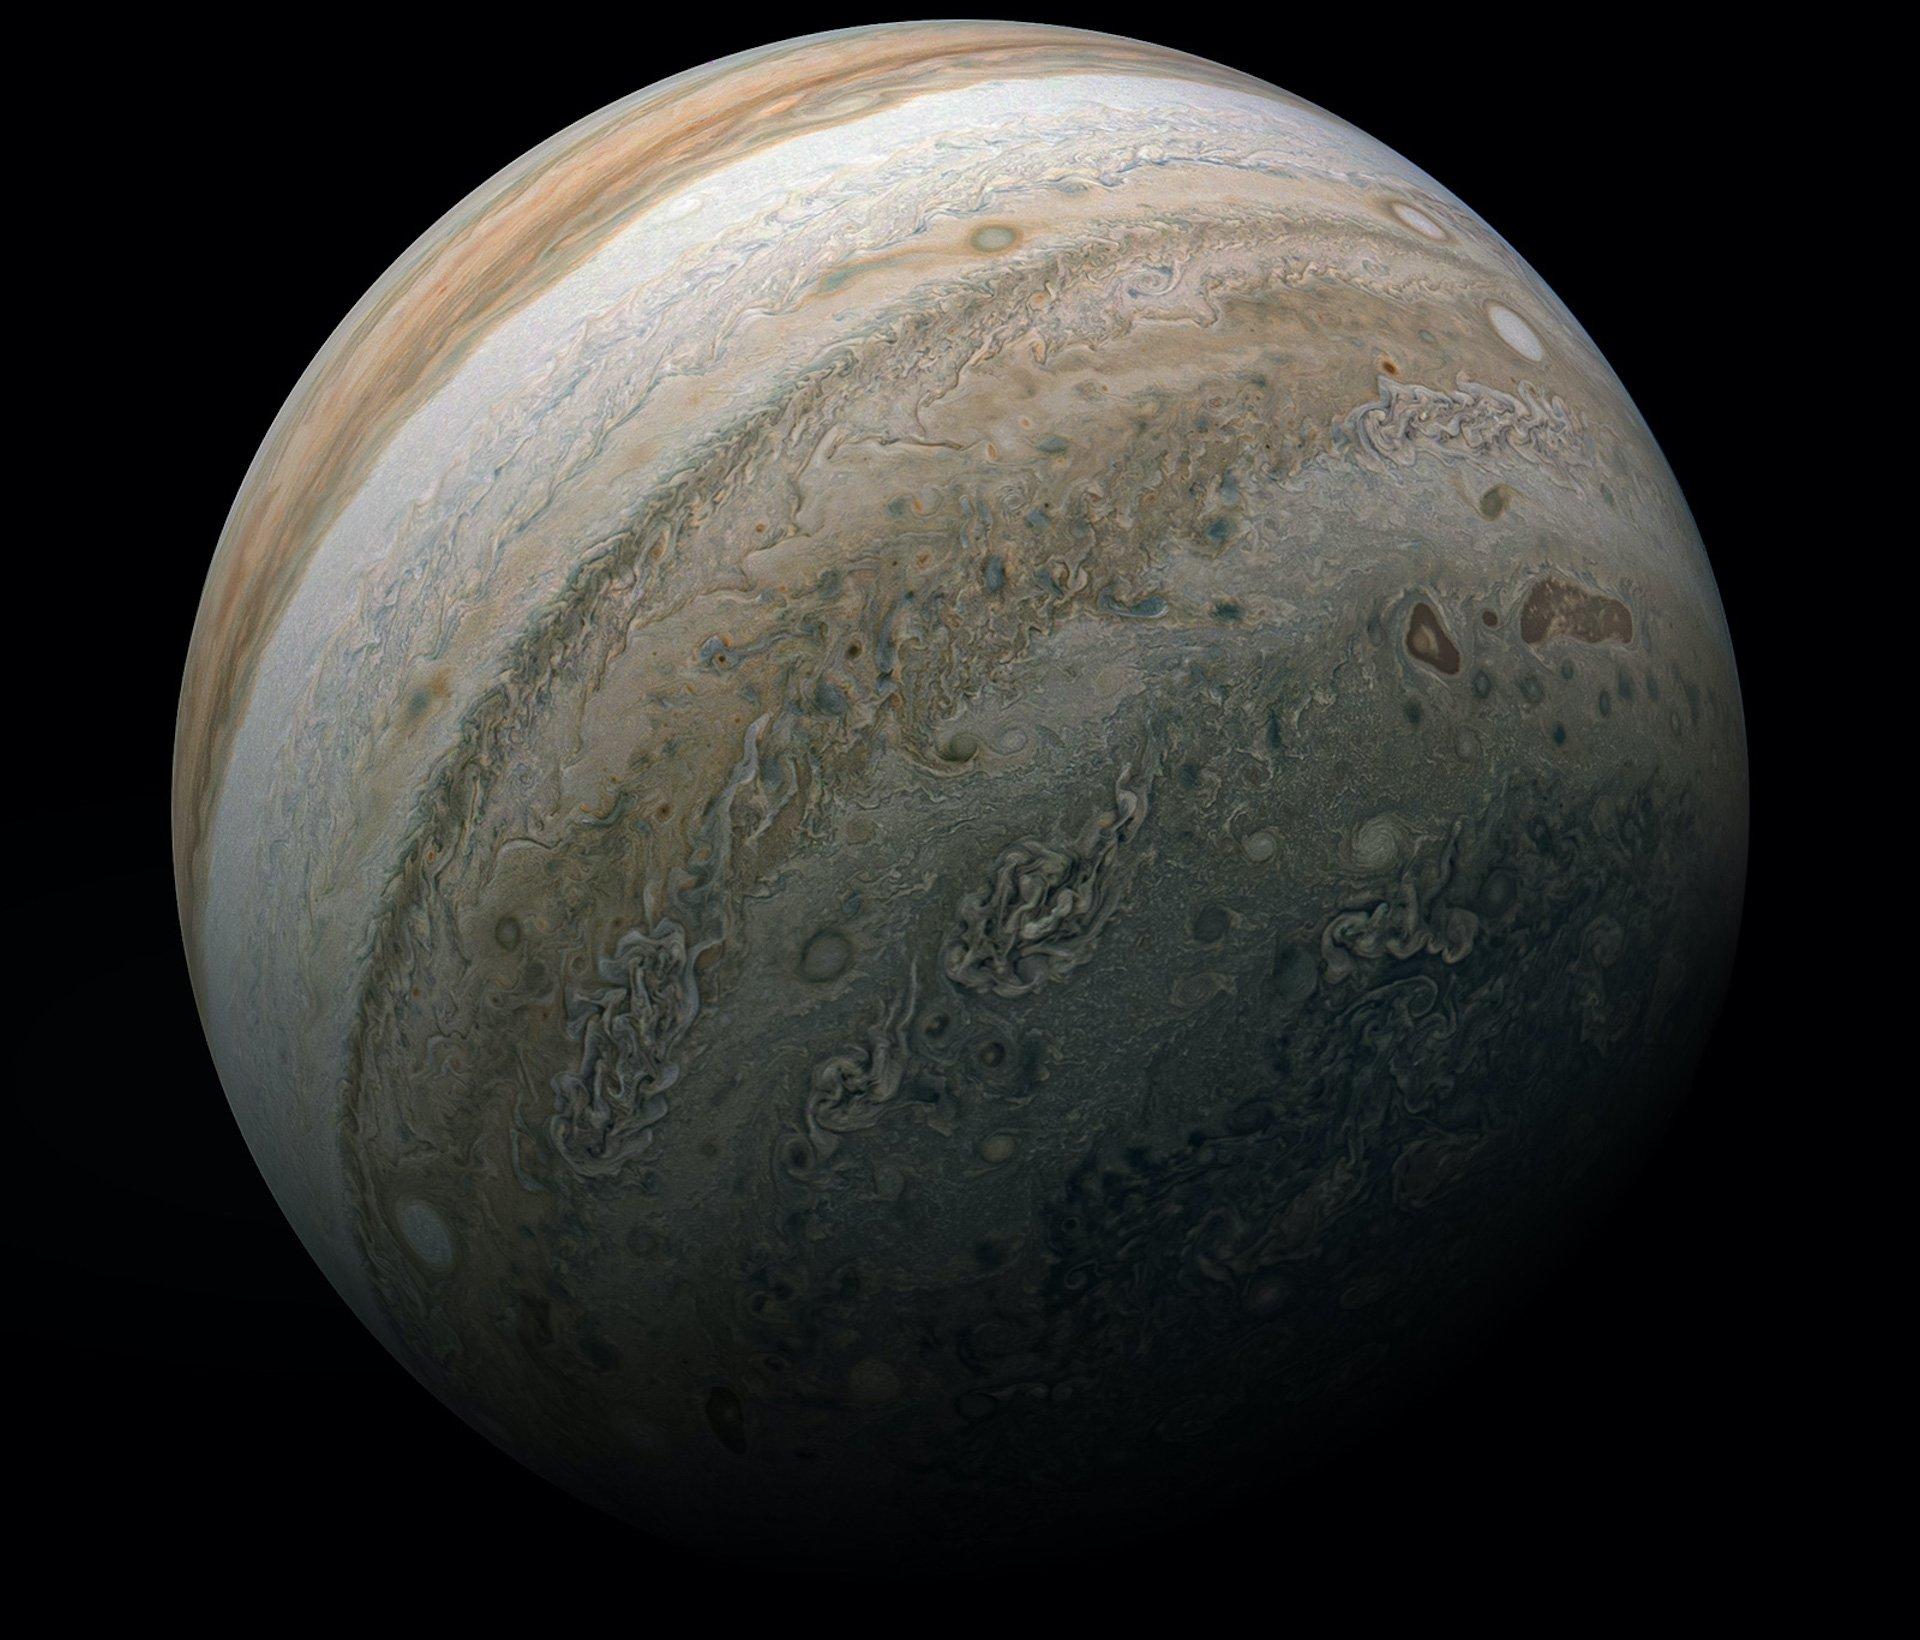 La nueva y asombrosa imagen de Júpiter tomada por la NASA